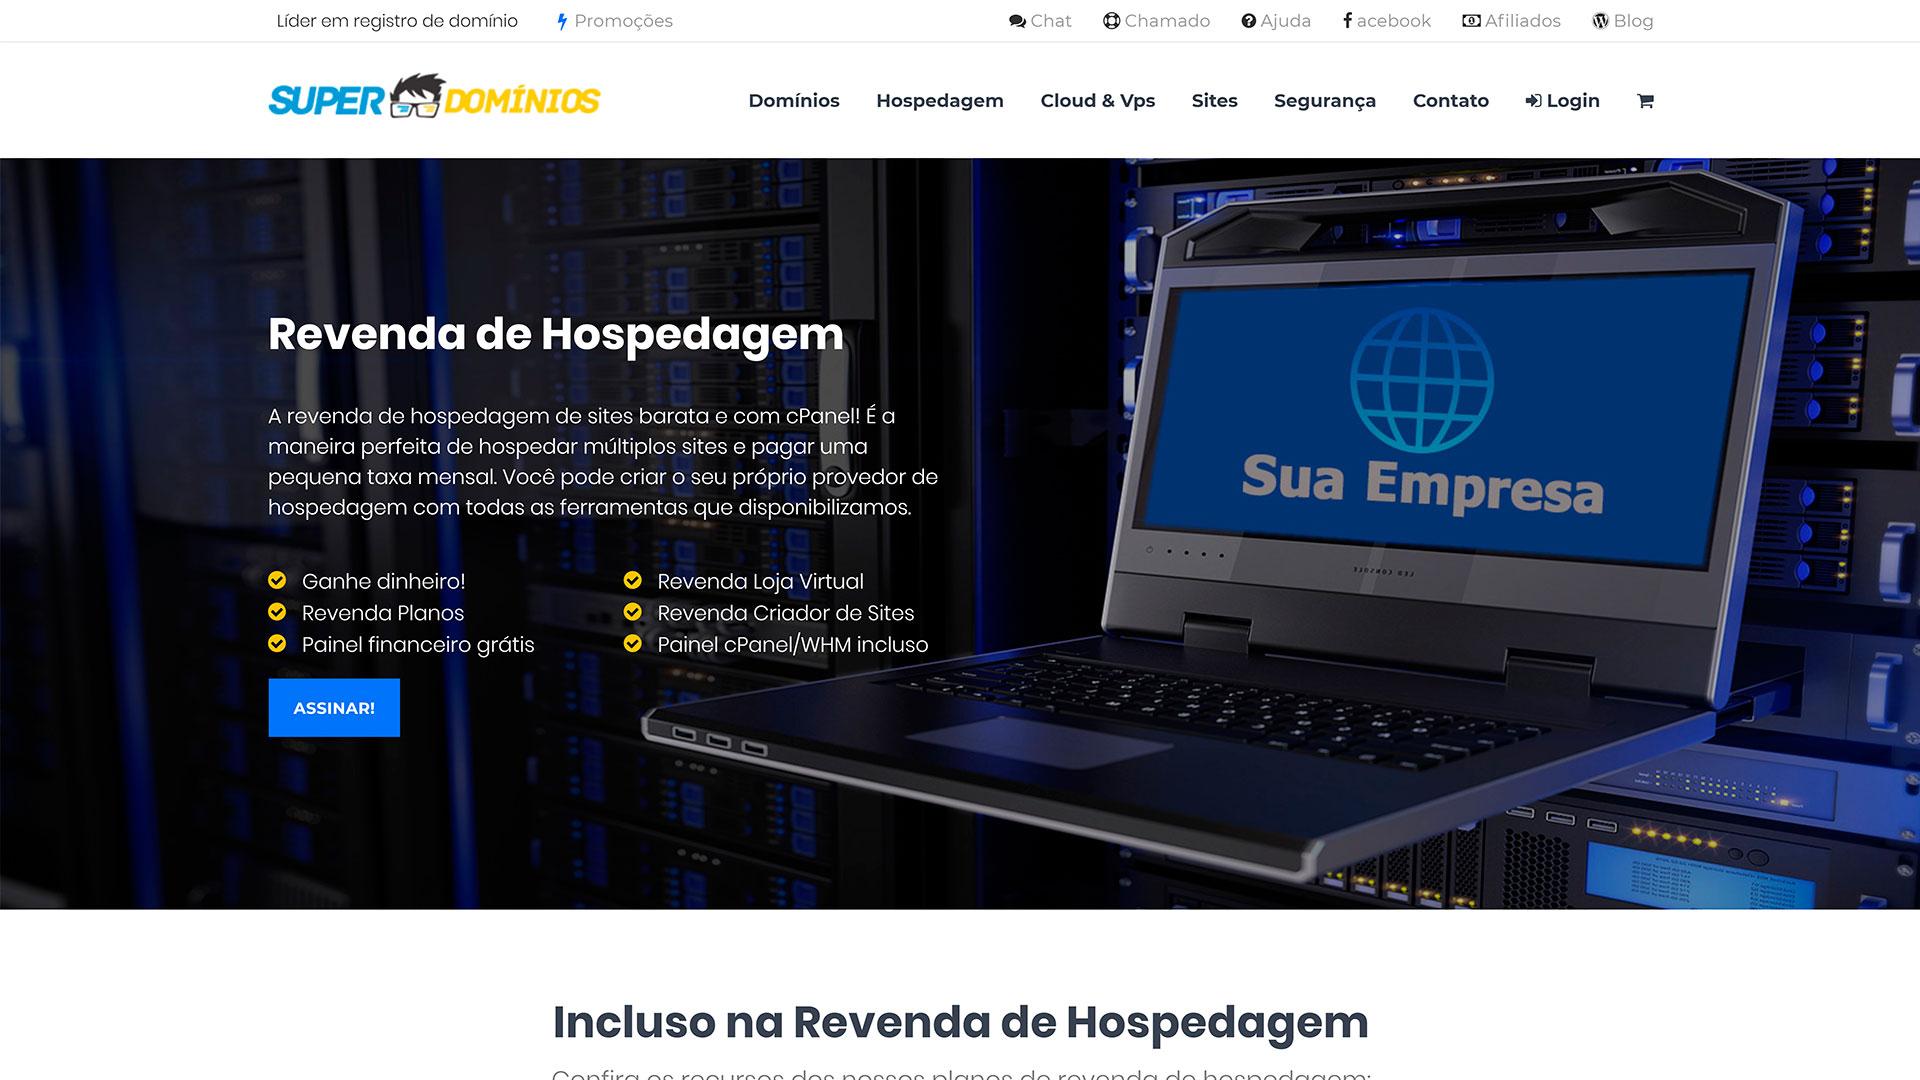 Super Domínios.org - revenda de hospedagem